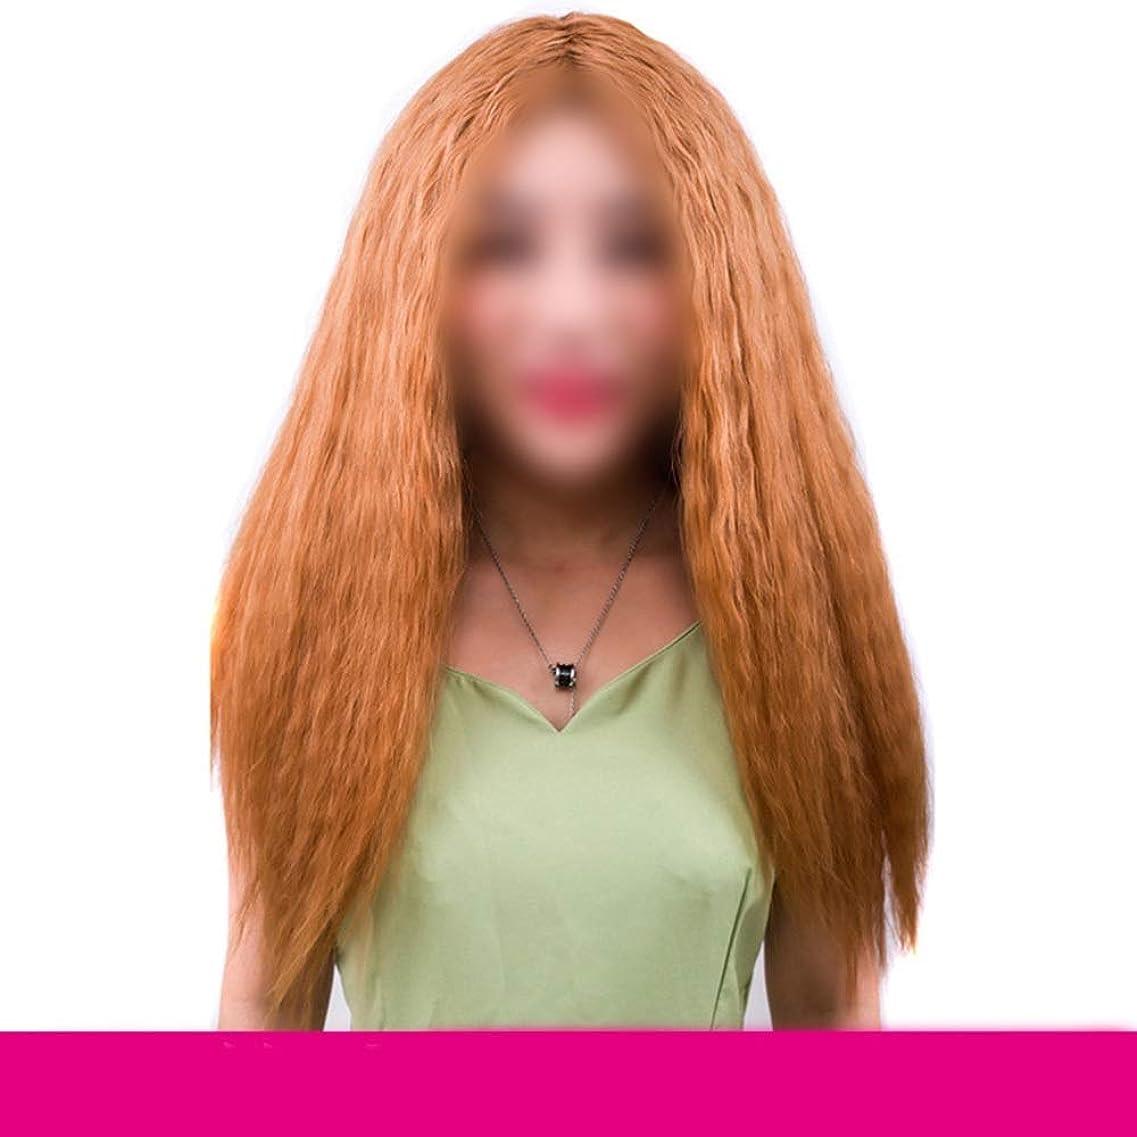 矩形倒錯成熟したYESONEEP ブラジルのリアル人間の毛延長ライトブラウンコーンホットロングカーリーヘア女性のための人工毛レースのかつらロールプレイングかつら (色 : ブラウン)